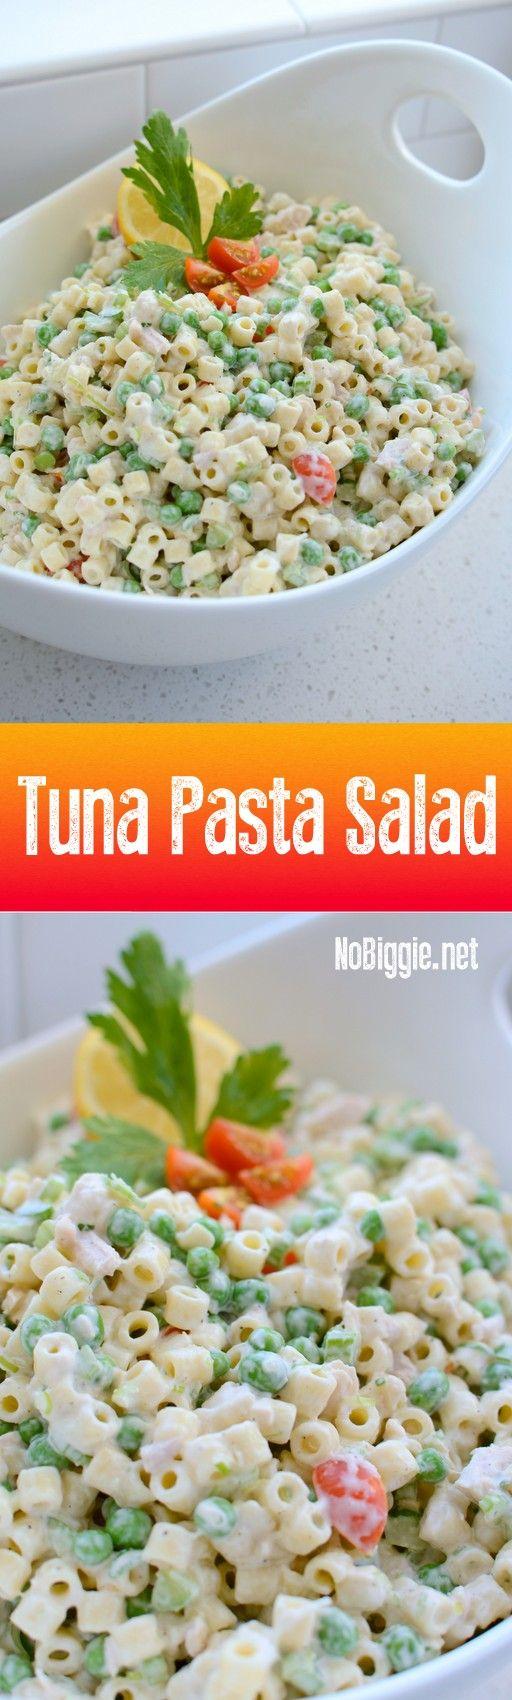 Tuna Pasta Salad | NoBiggie.net                                                                                                                                                      Más